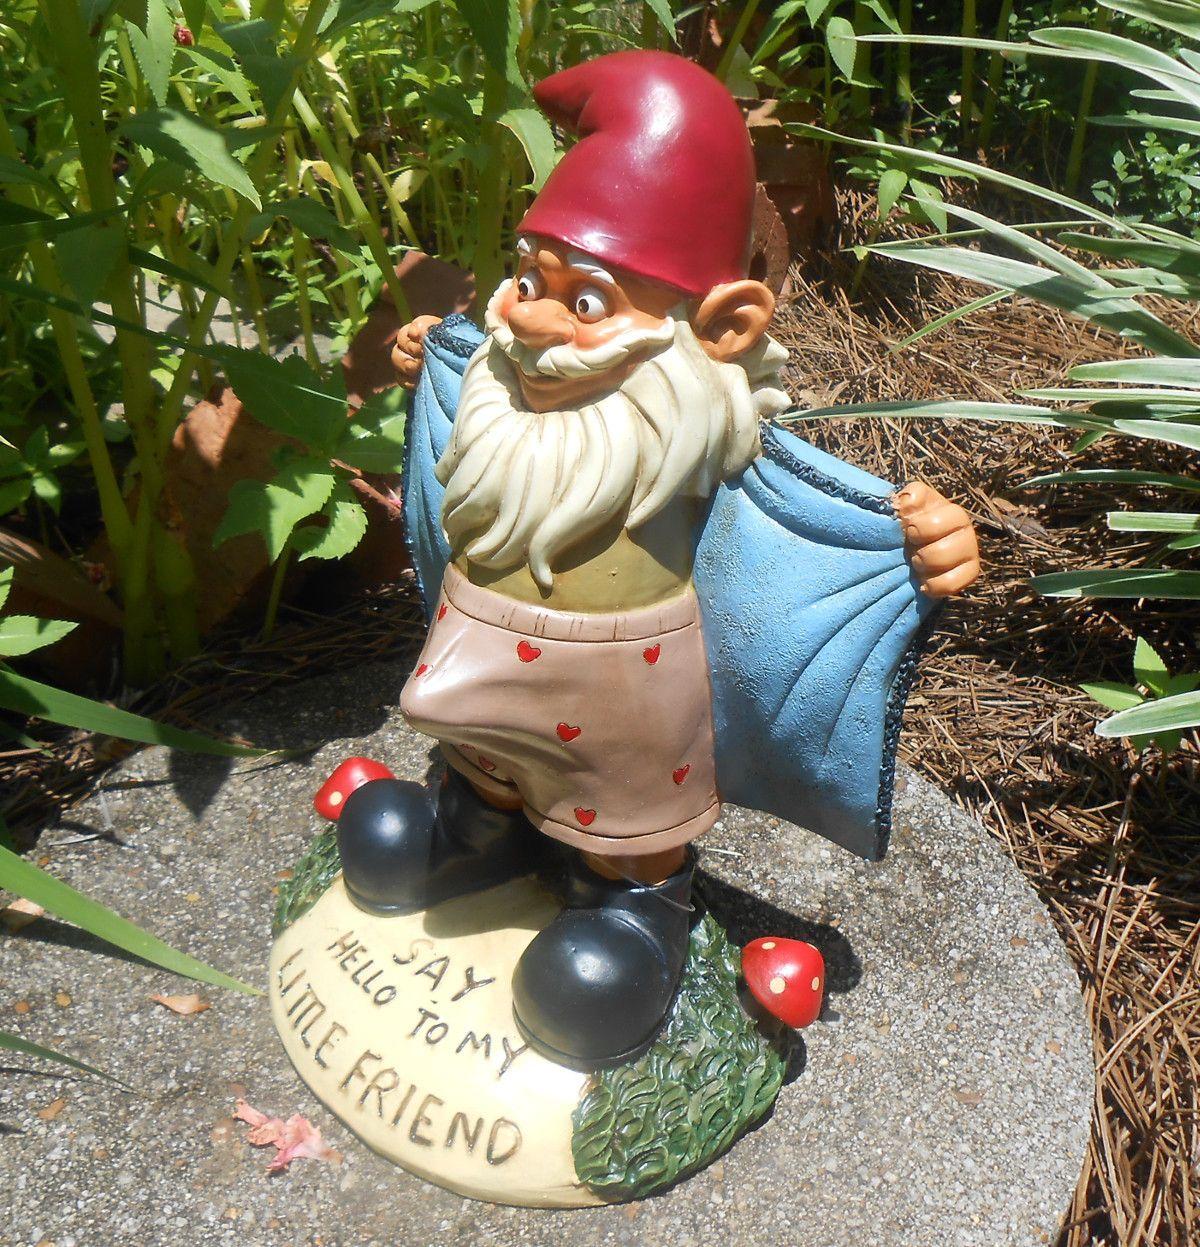 Garden Gnome | GARDEN DECOR | Pinterest | Gardens